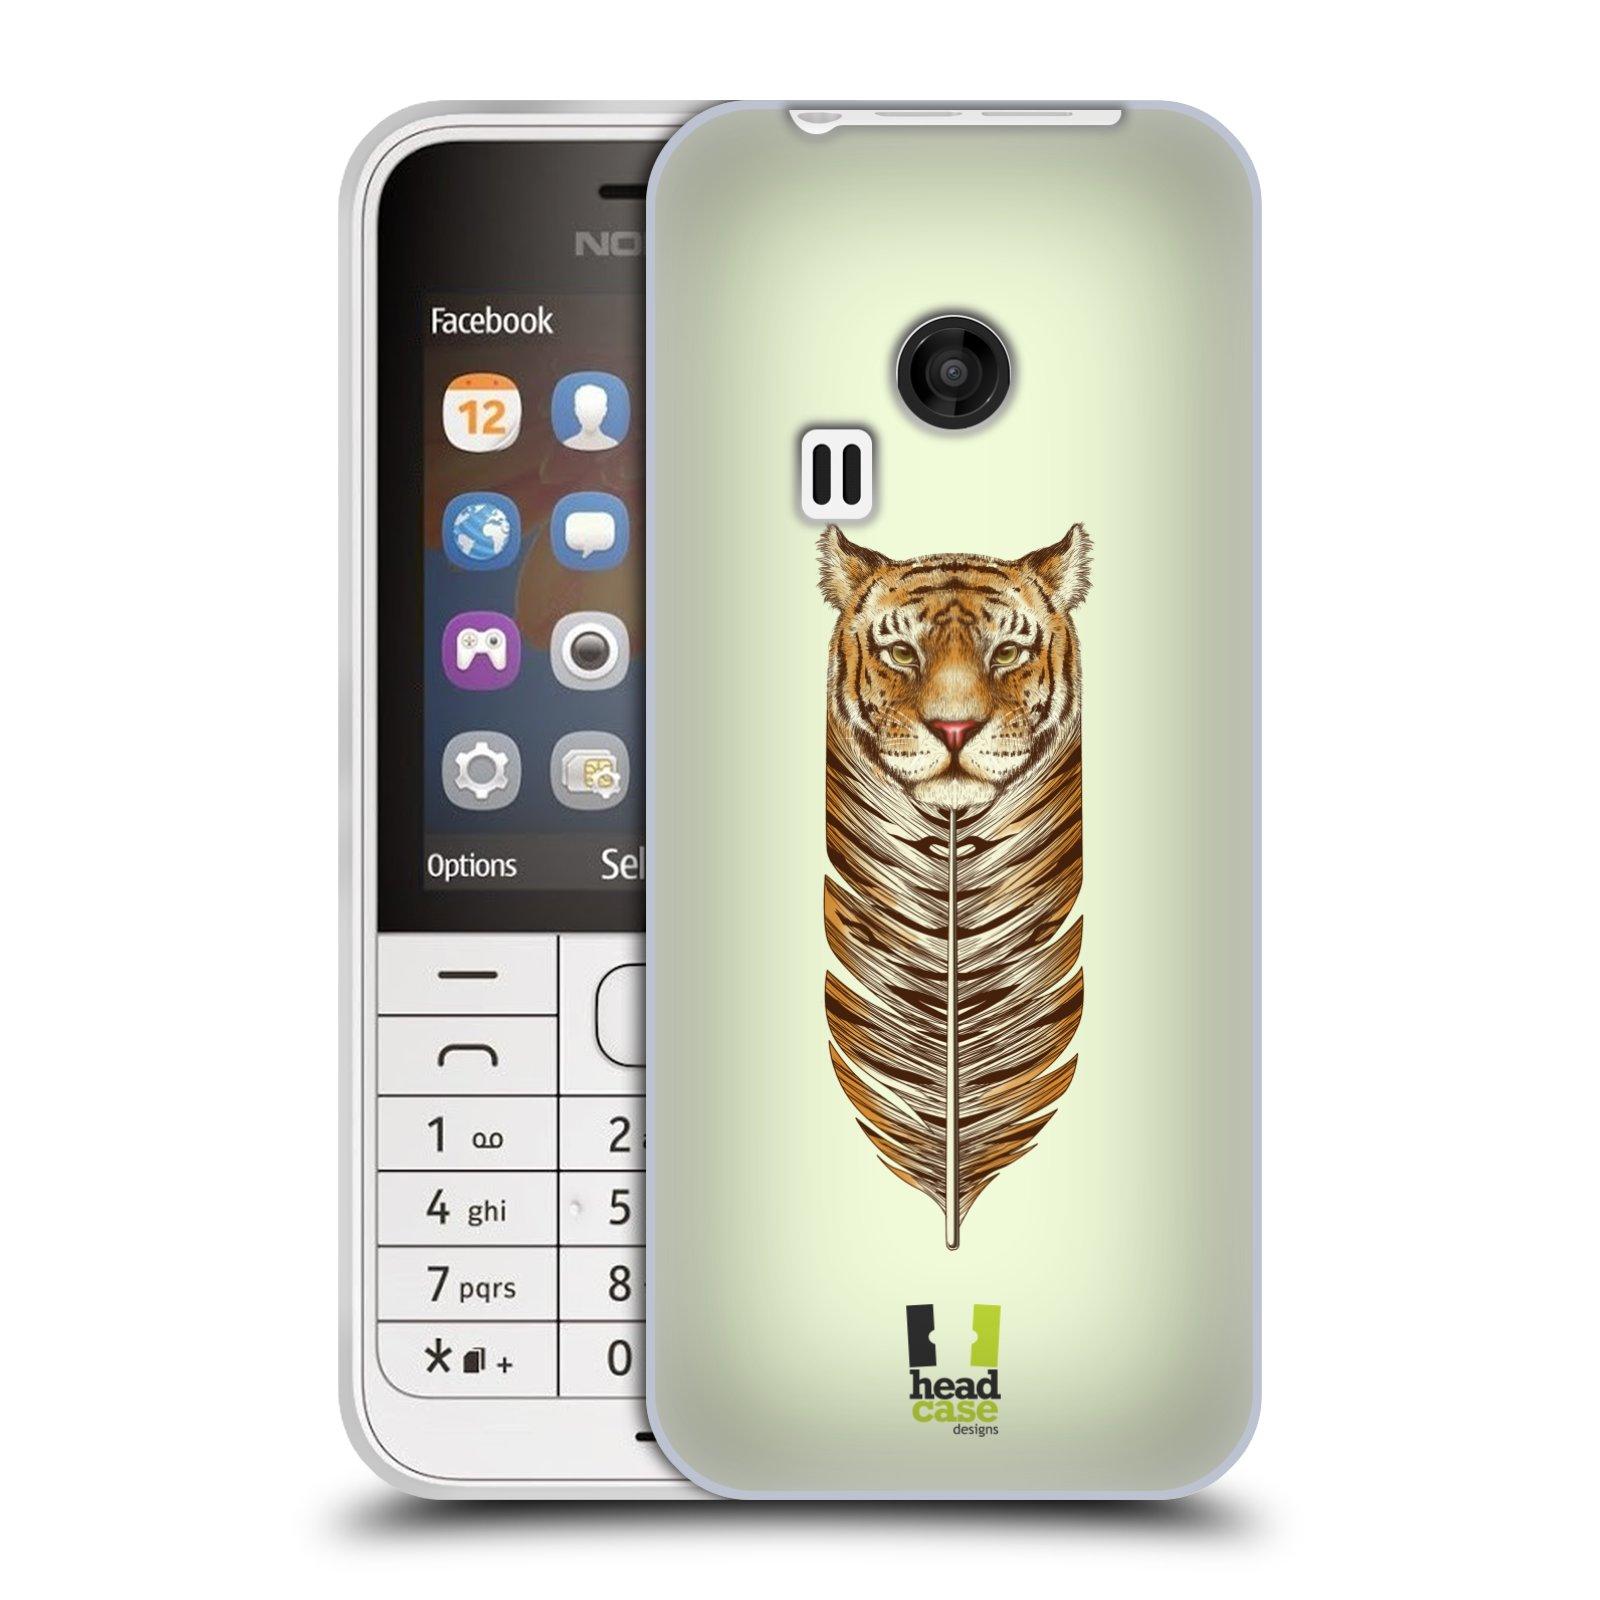 HEAD CASE silikonový obal na mobil NOKIA 220 / NOKIA 220 DUAL SIM vzor zvířecí pírka tygr